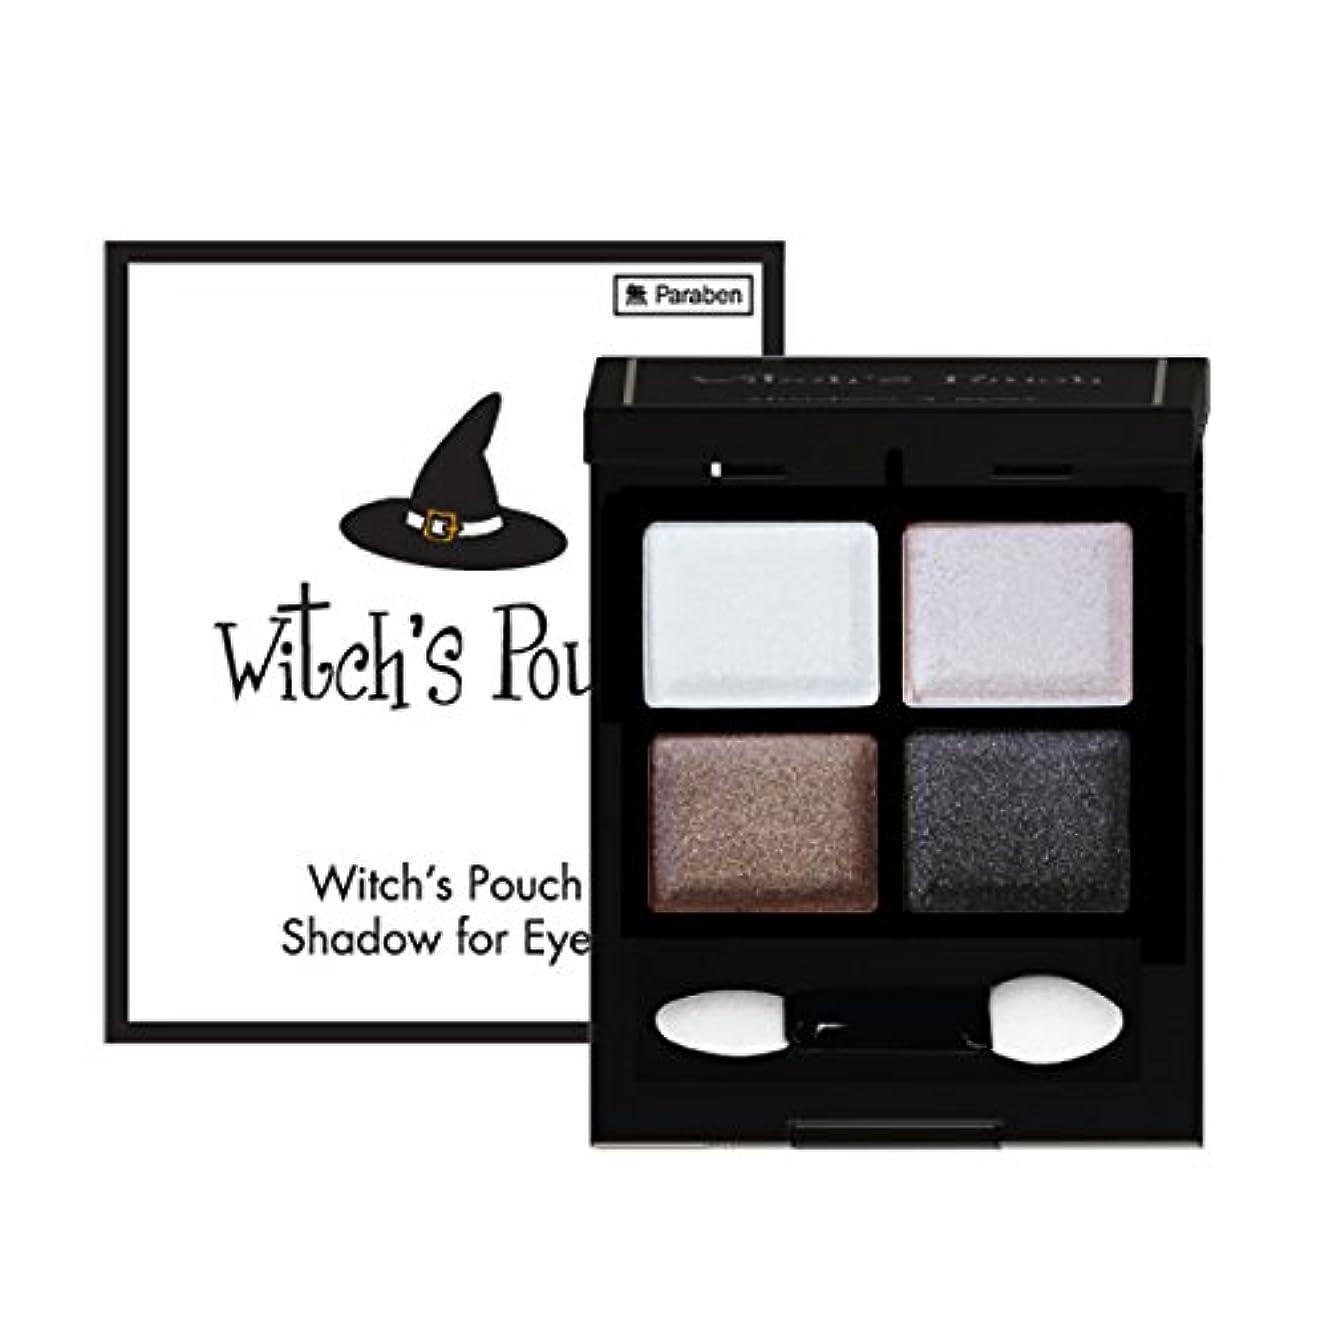 突き刺すライバルいわゆるWitch's Pouch ウィッチズポーチ シャドウフォーアイズ SD5 グラムブラウン